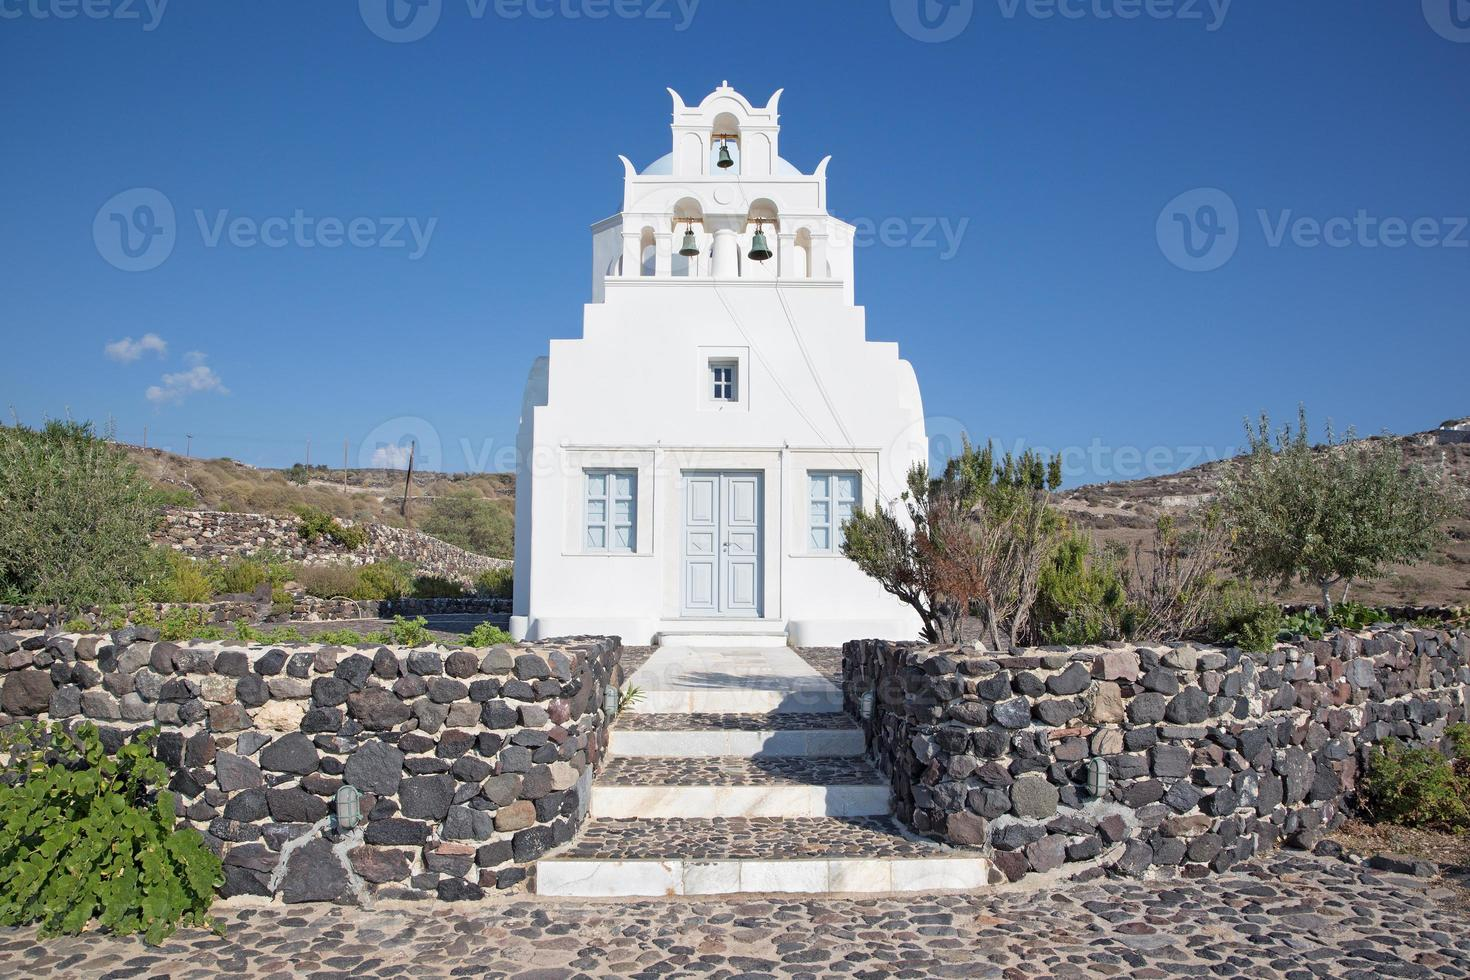 santorini - petite chapelle sur la côte sud de l'île. photo